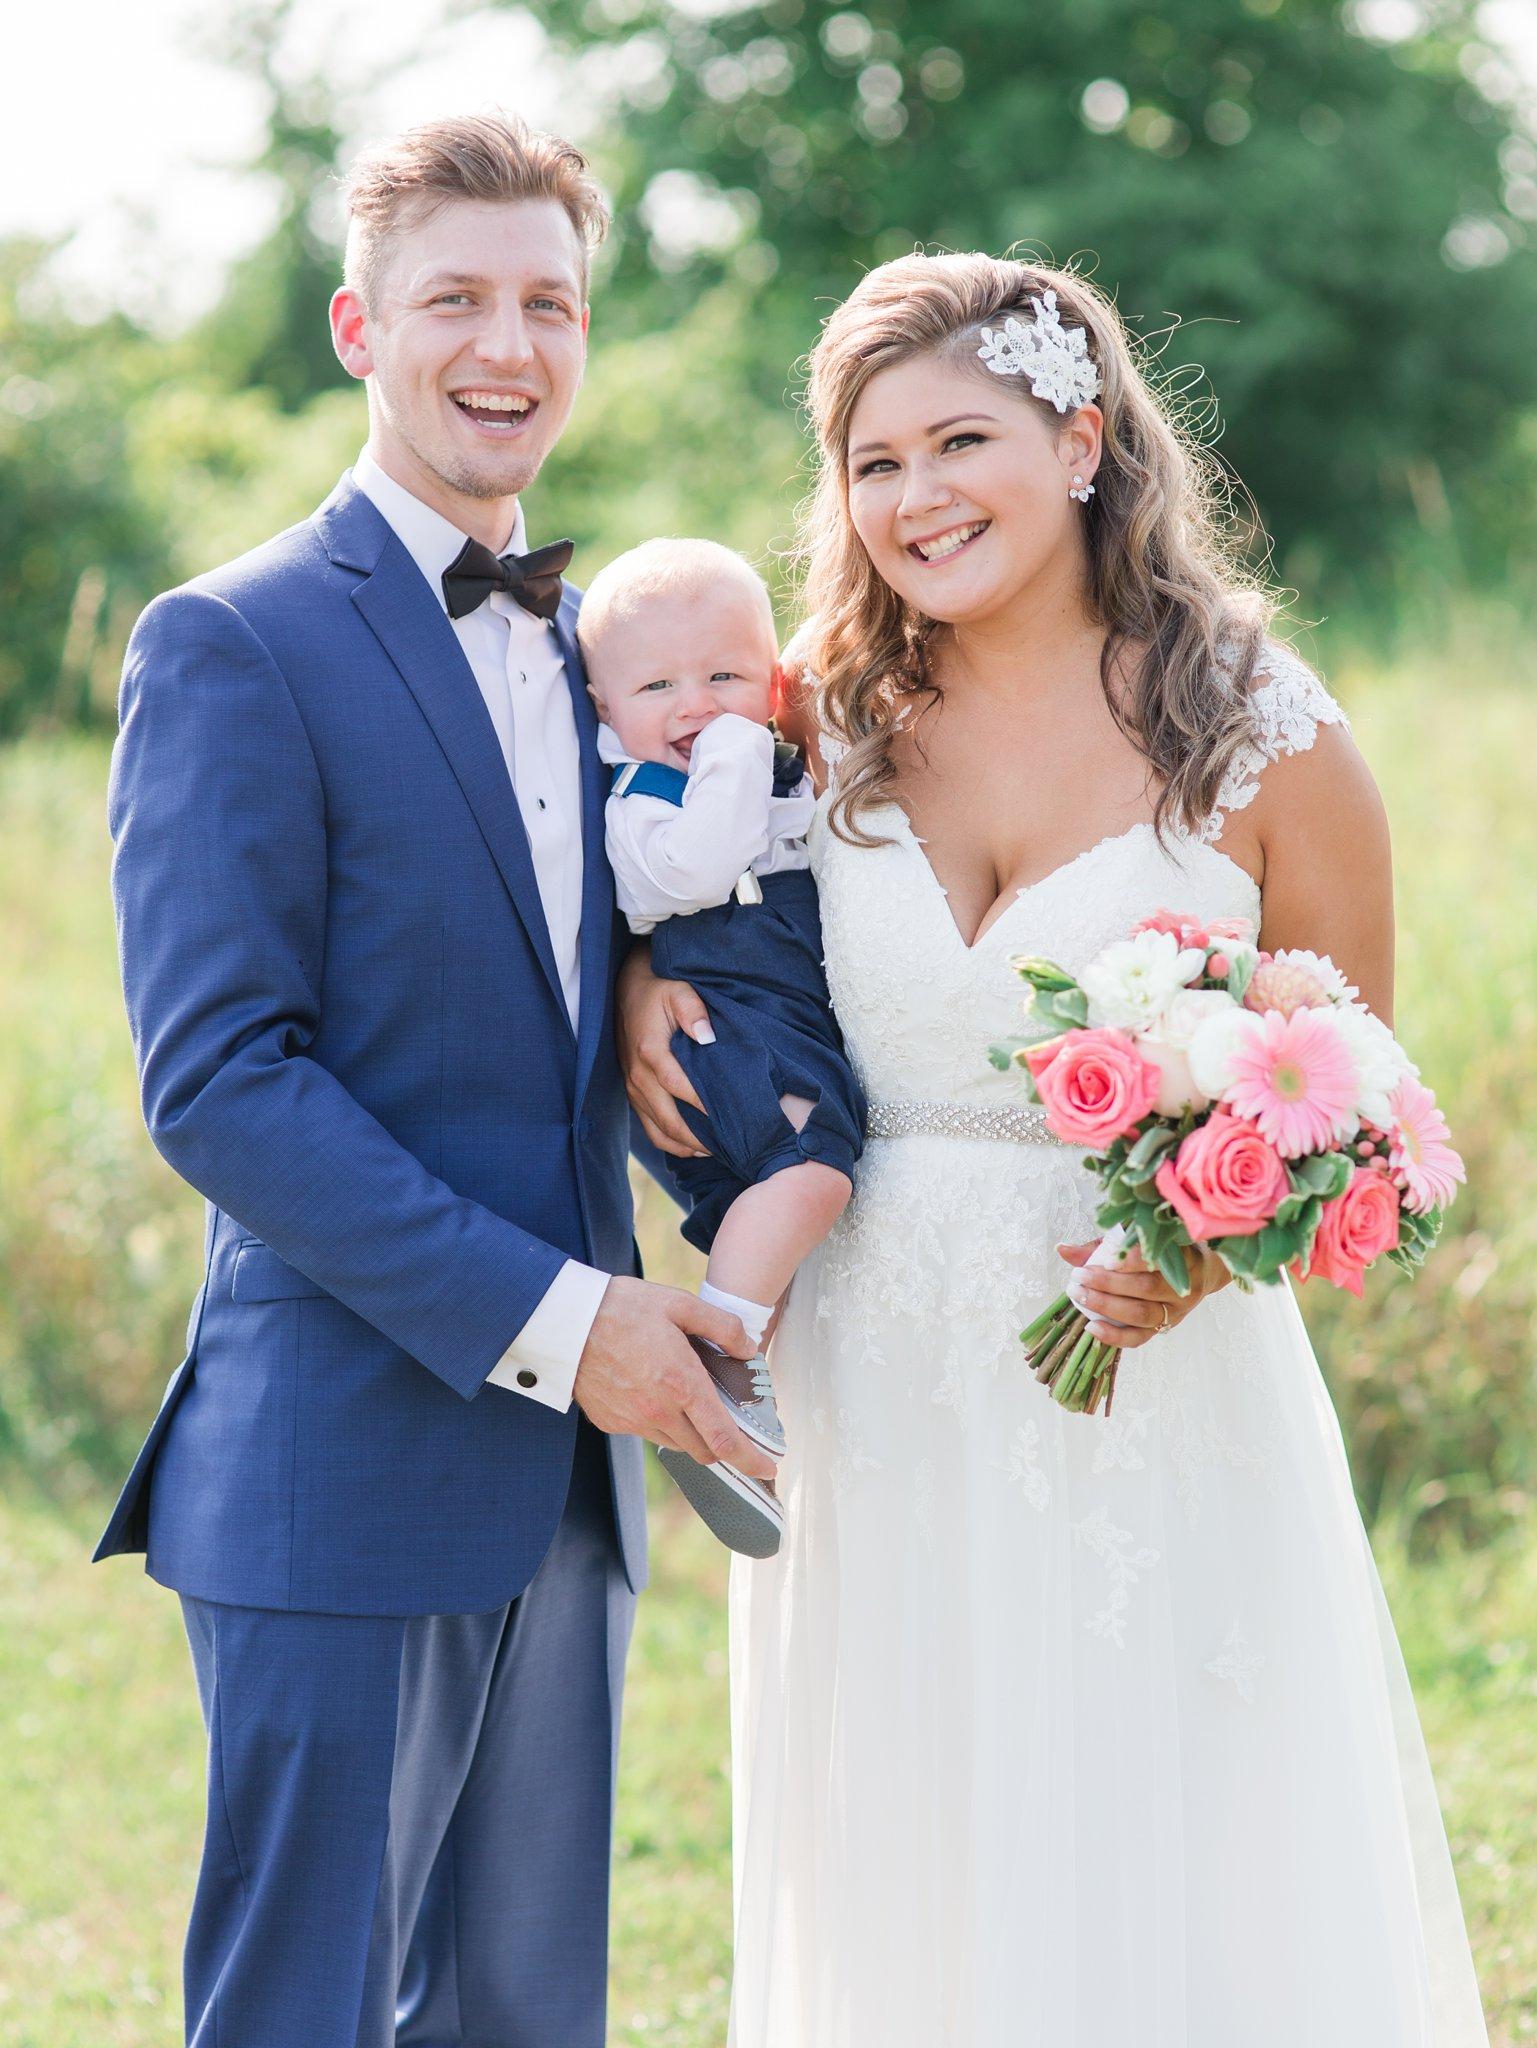 Bride groom and son at their Vineyard wedding at Jabulani Amy Pinder Photography